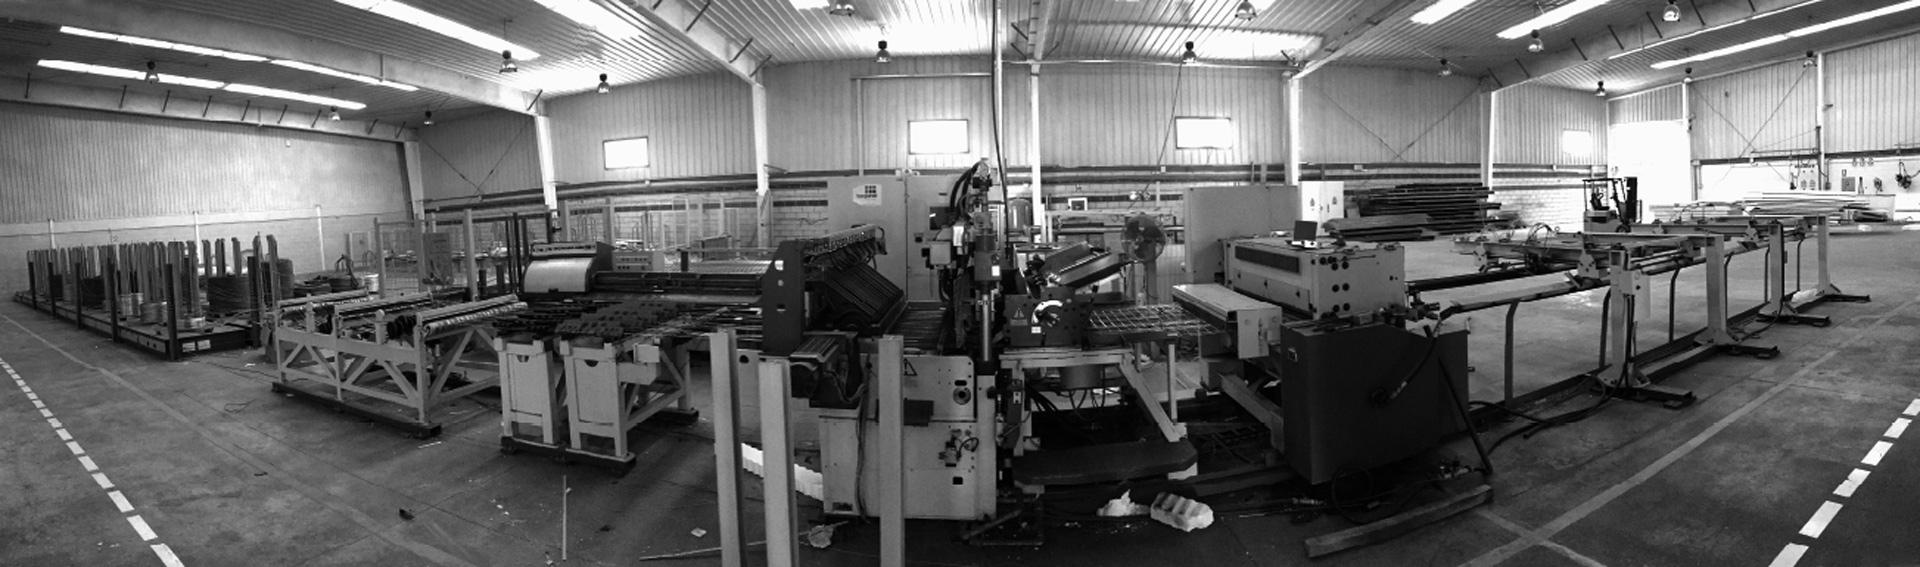 Baupanel® System, Fábrica en Antequera, Málaga. Maquinaria de producción de Baupanel System